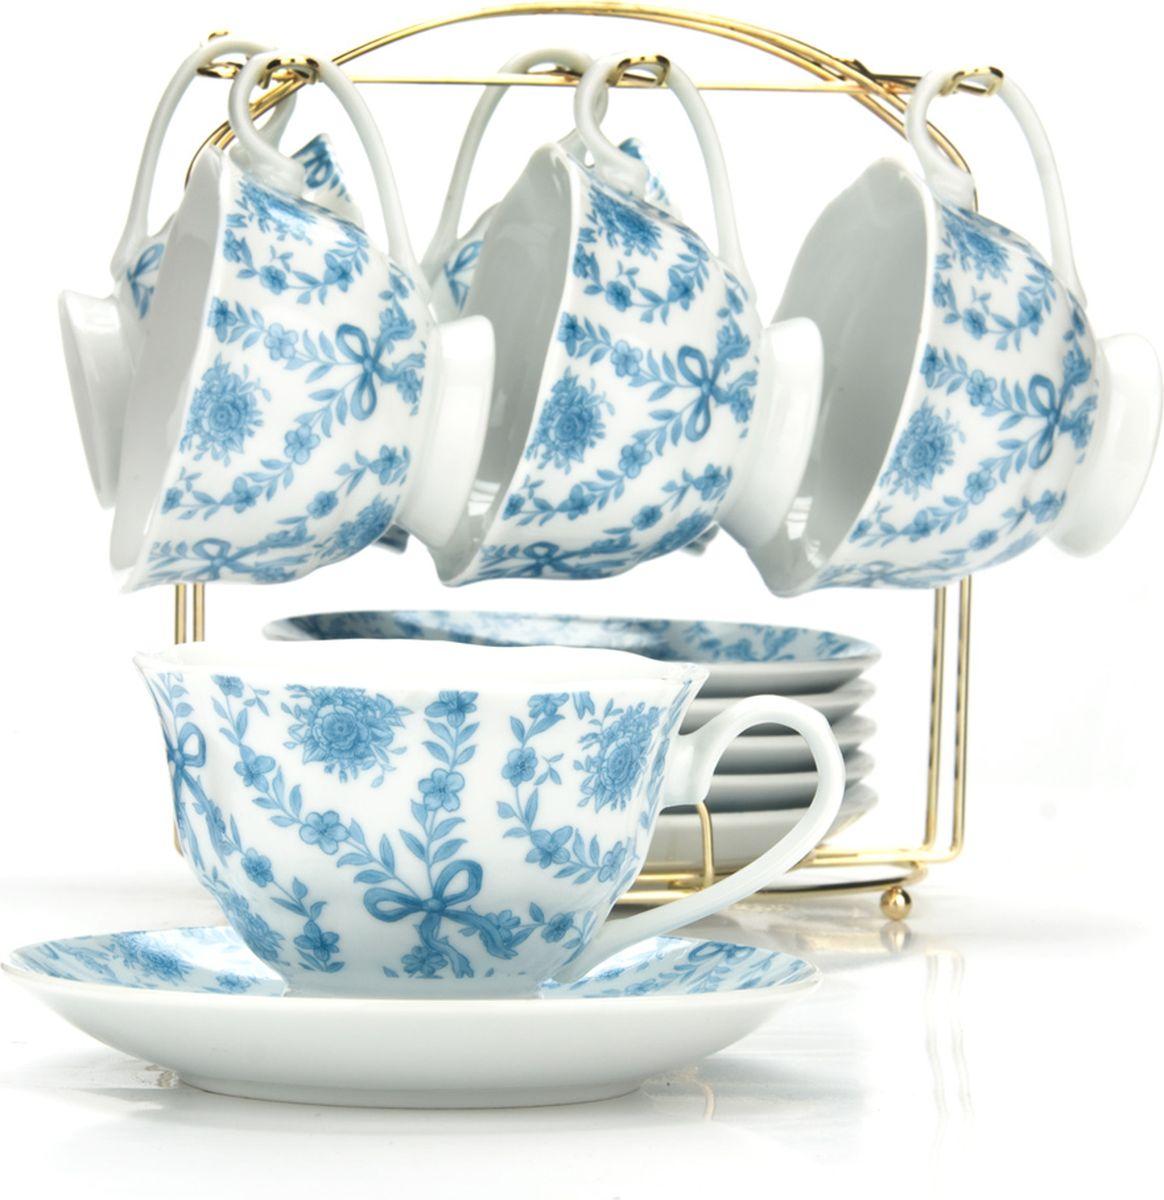 Сервиз чайный Loraine, на подставке, 13 предметов. 4329425945